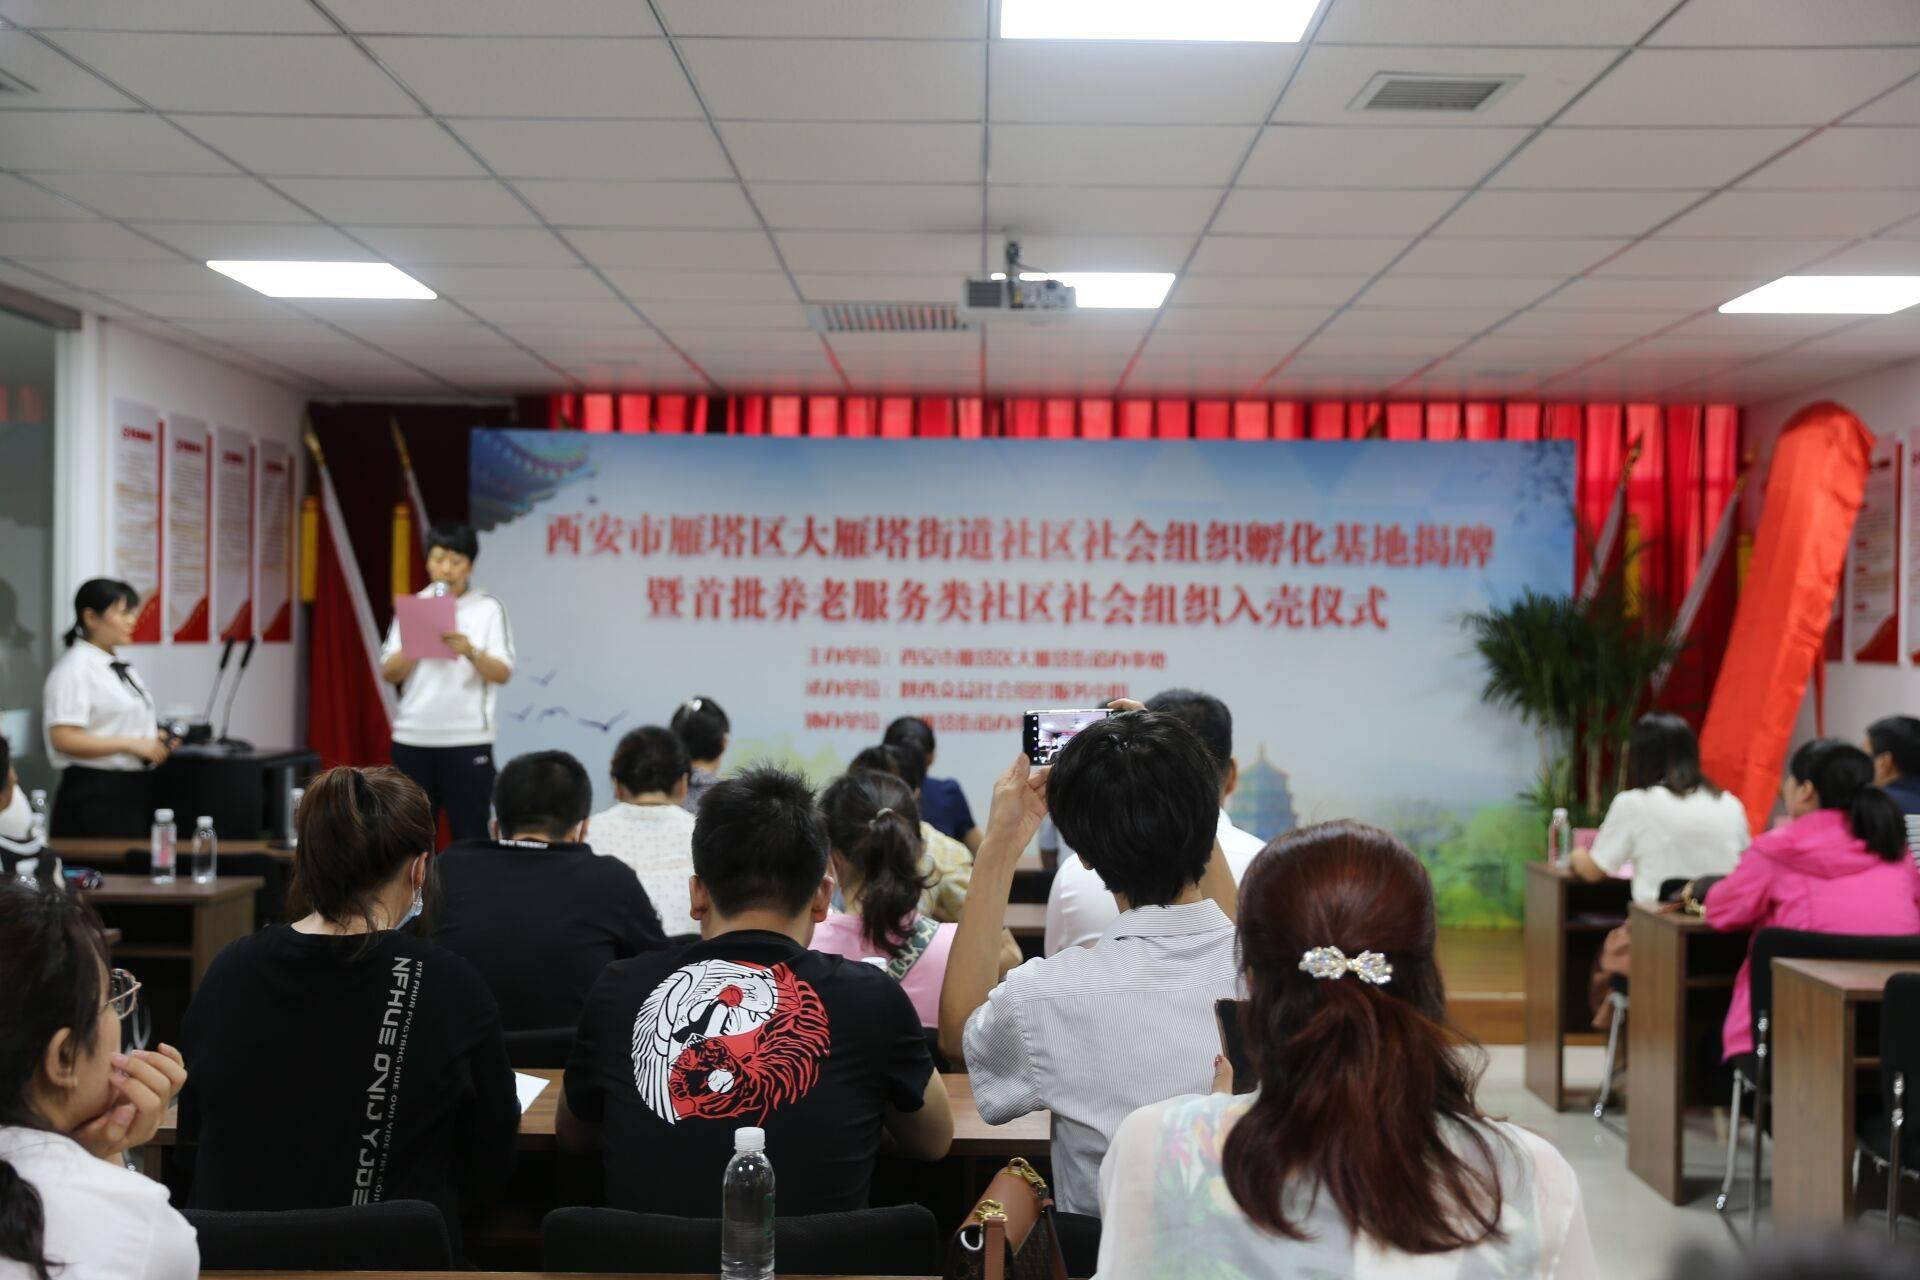 雁塔区首个社区社会组织孵化基地揭牌仪式在大雁塔街道成功举办